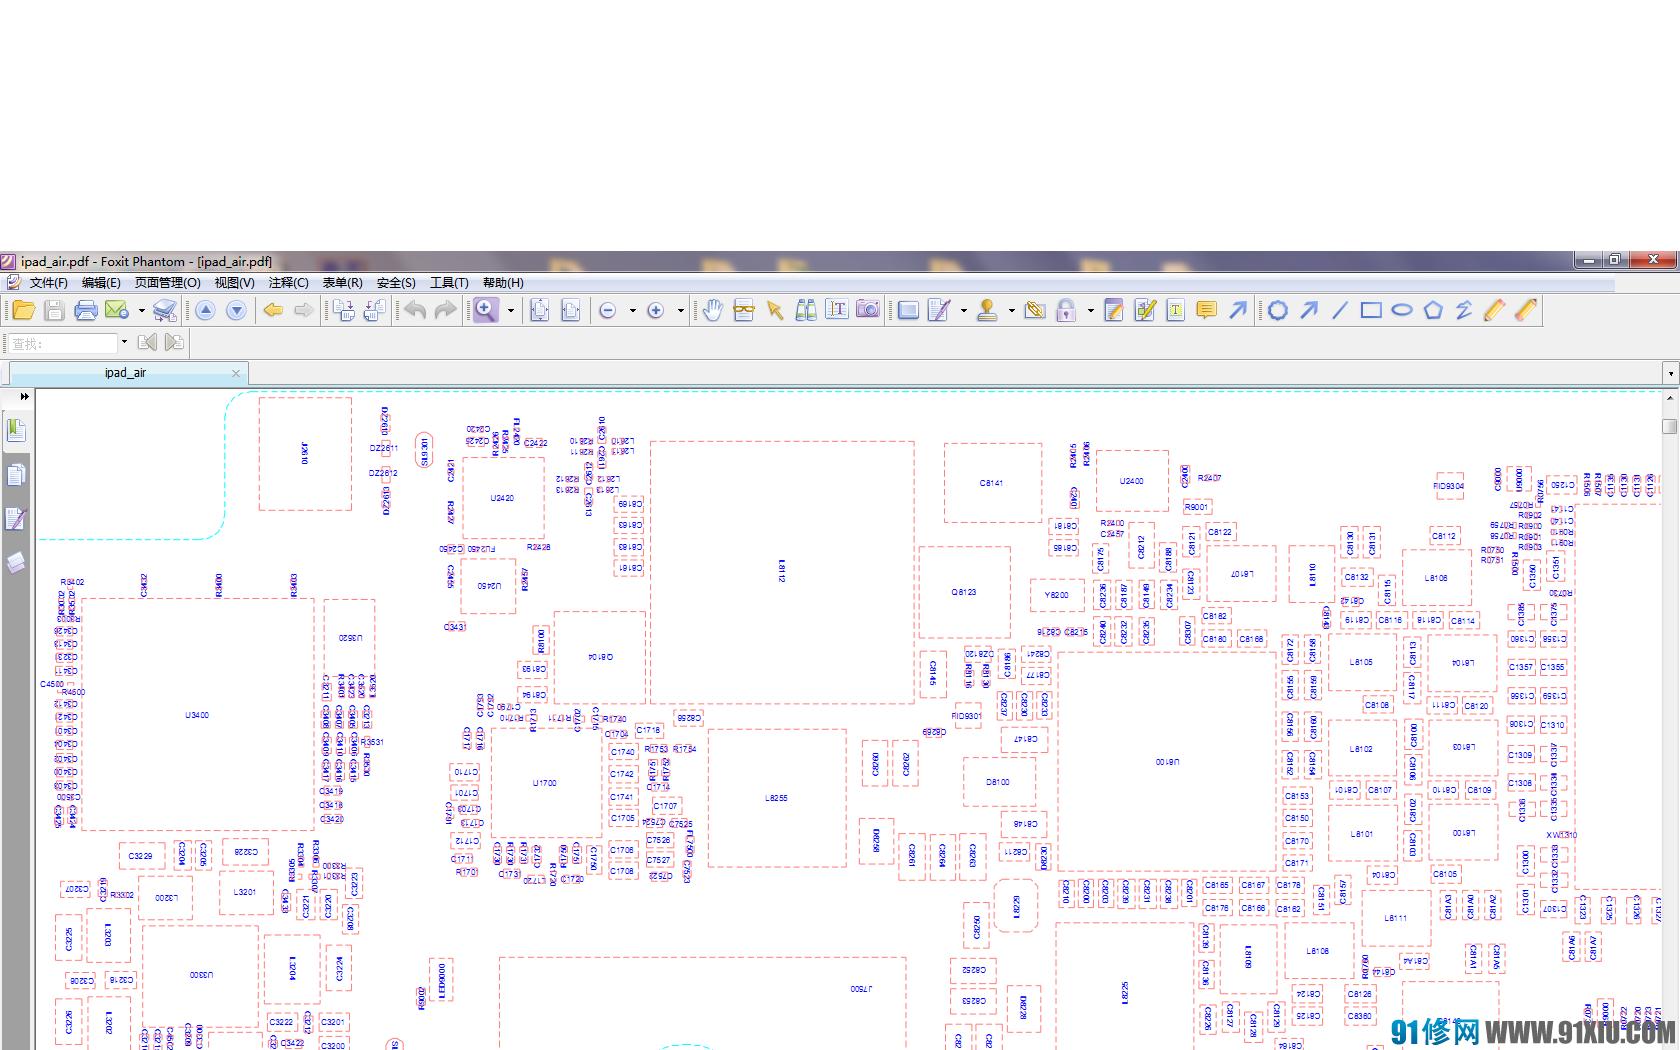 ipad air的电路图纸和元件位置图及关键测试点位图图